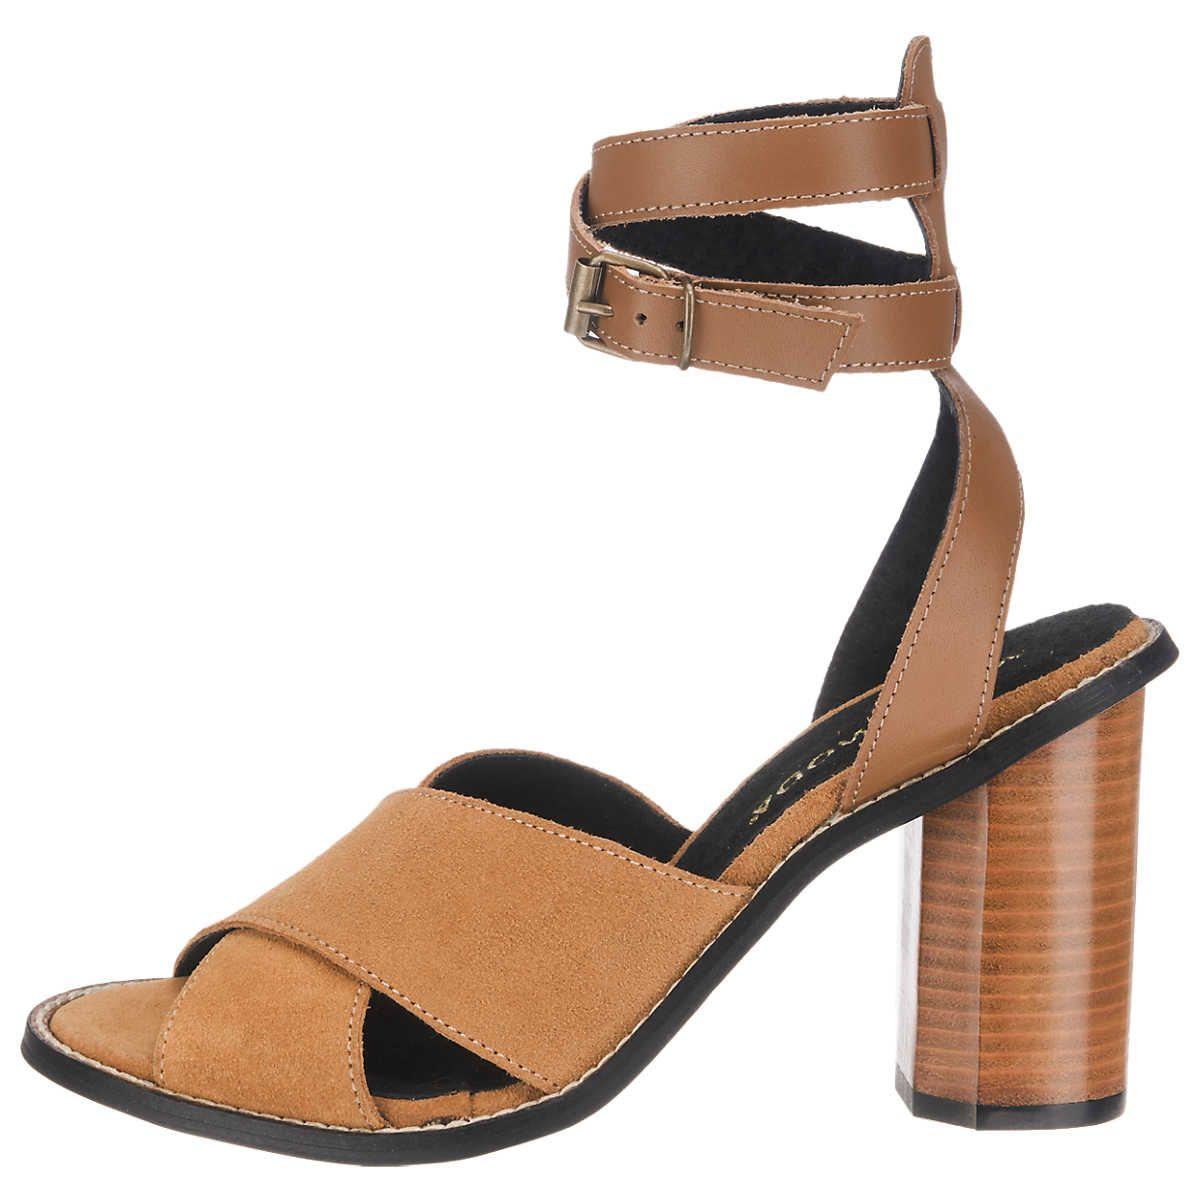 Charmante Sandalette mit Schnürung am Knöchel für